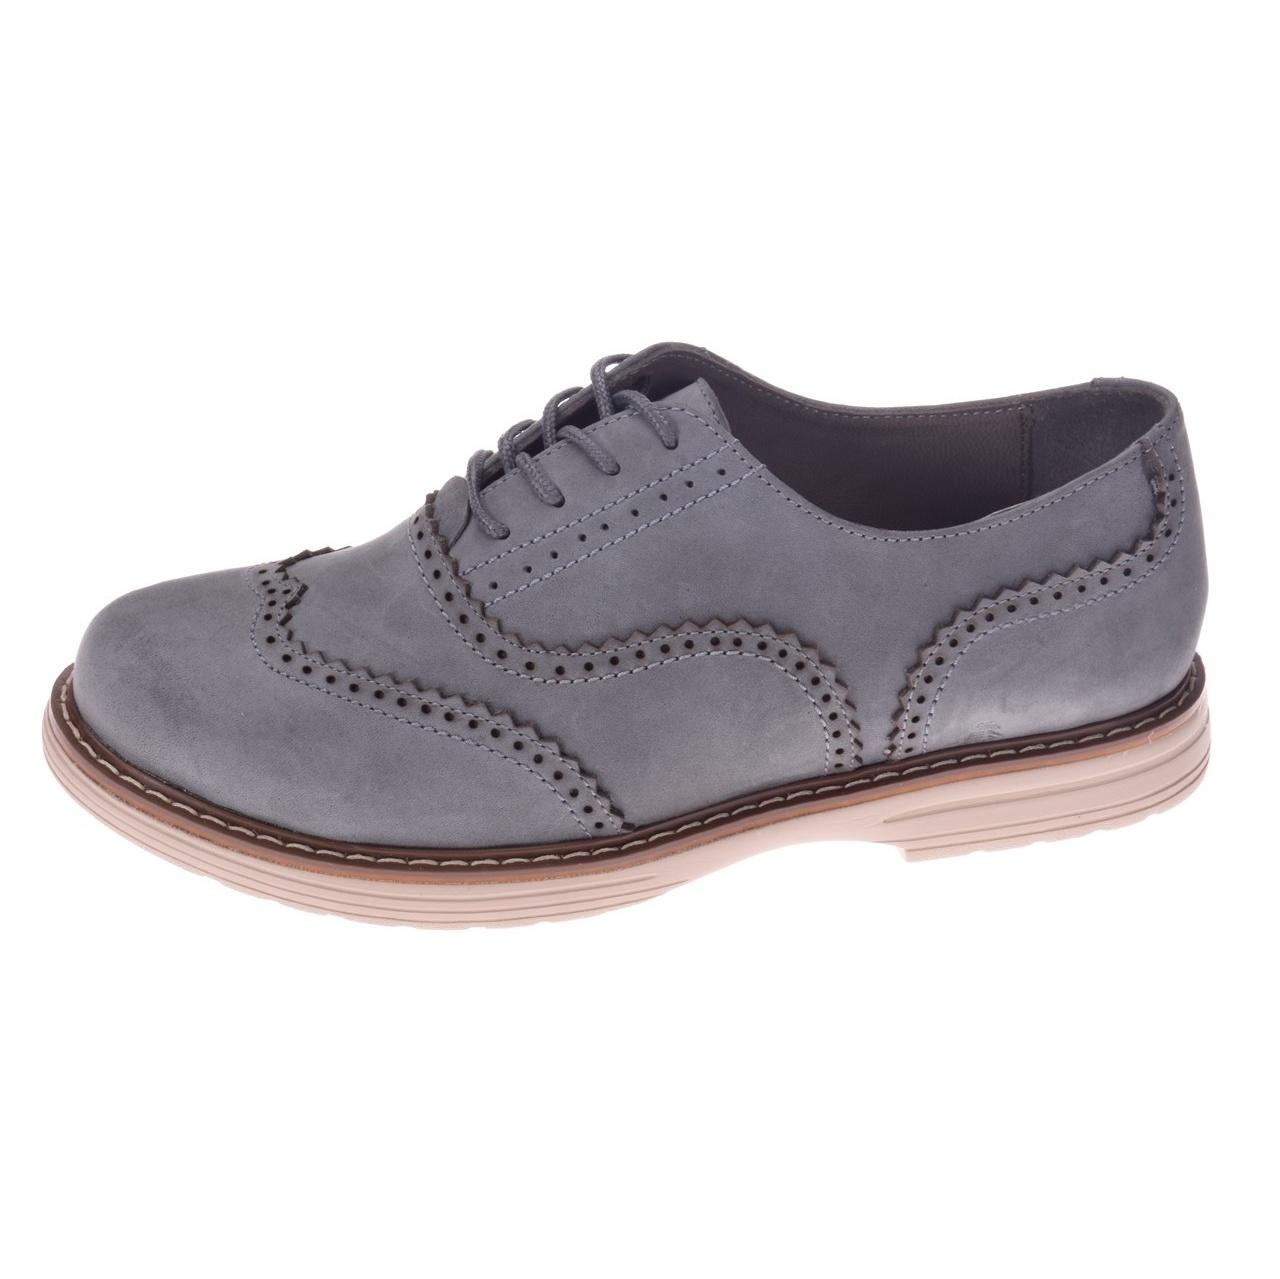 کفش چرم زنانه پانیسا مدل 711Gray